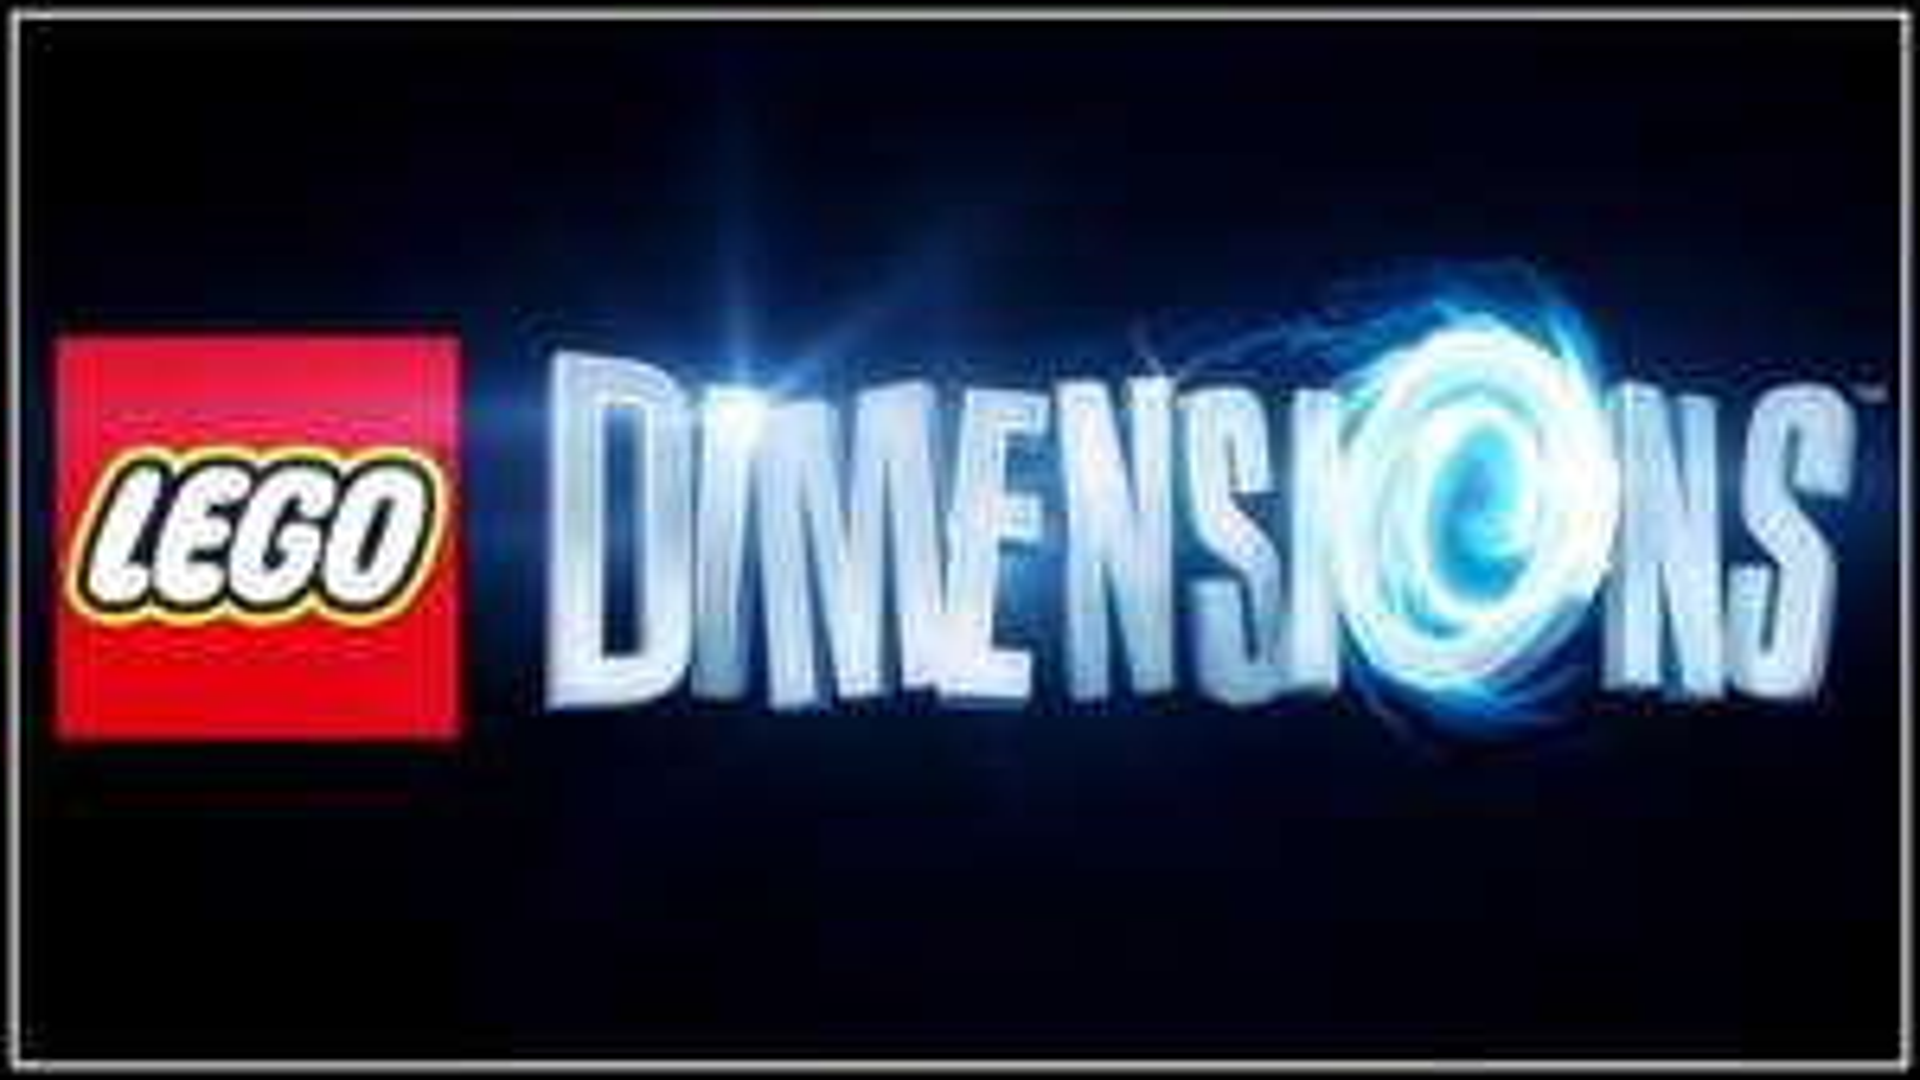 [Adhérents] 1 pack de Lego dimension acheté = 50% de réduction sur le deuxième